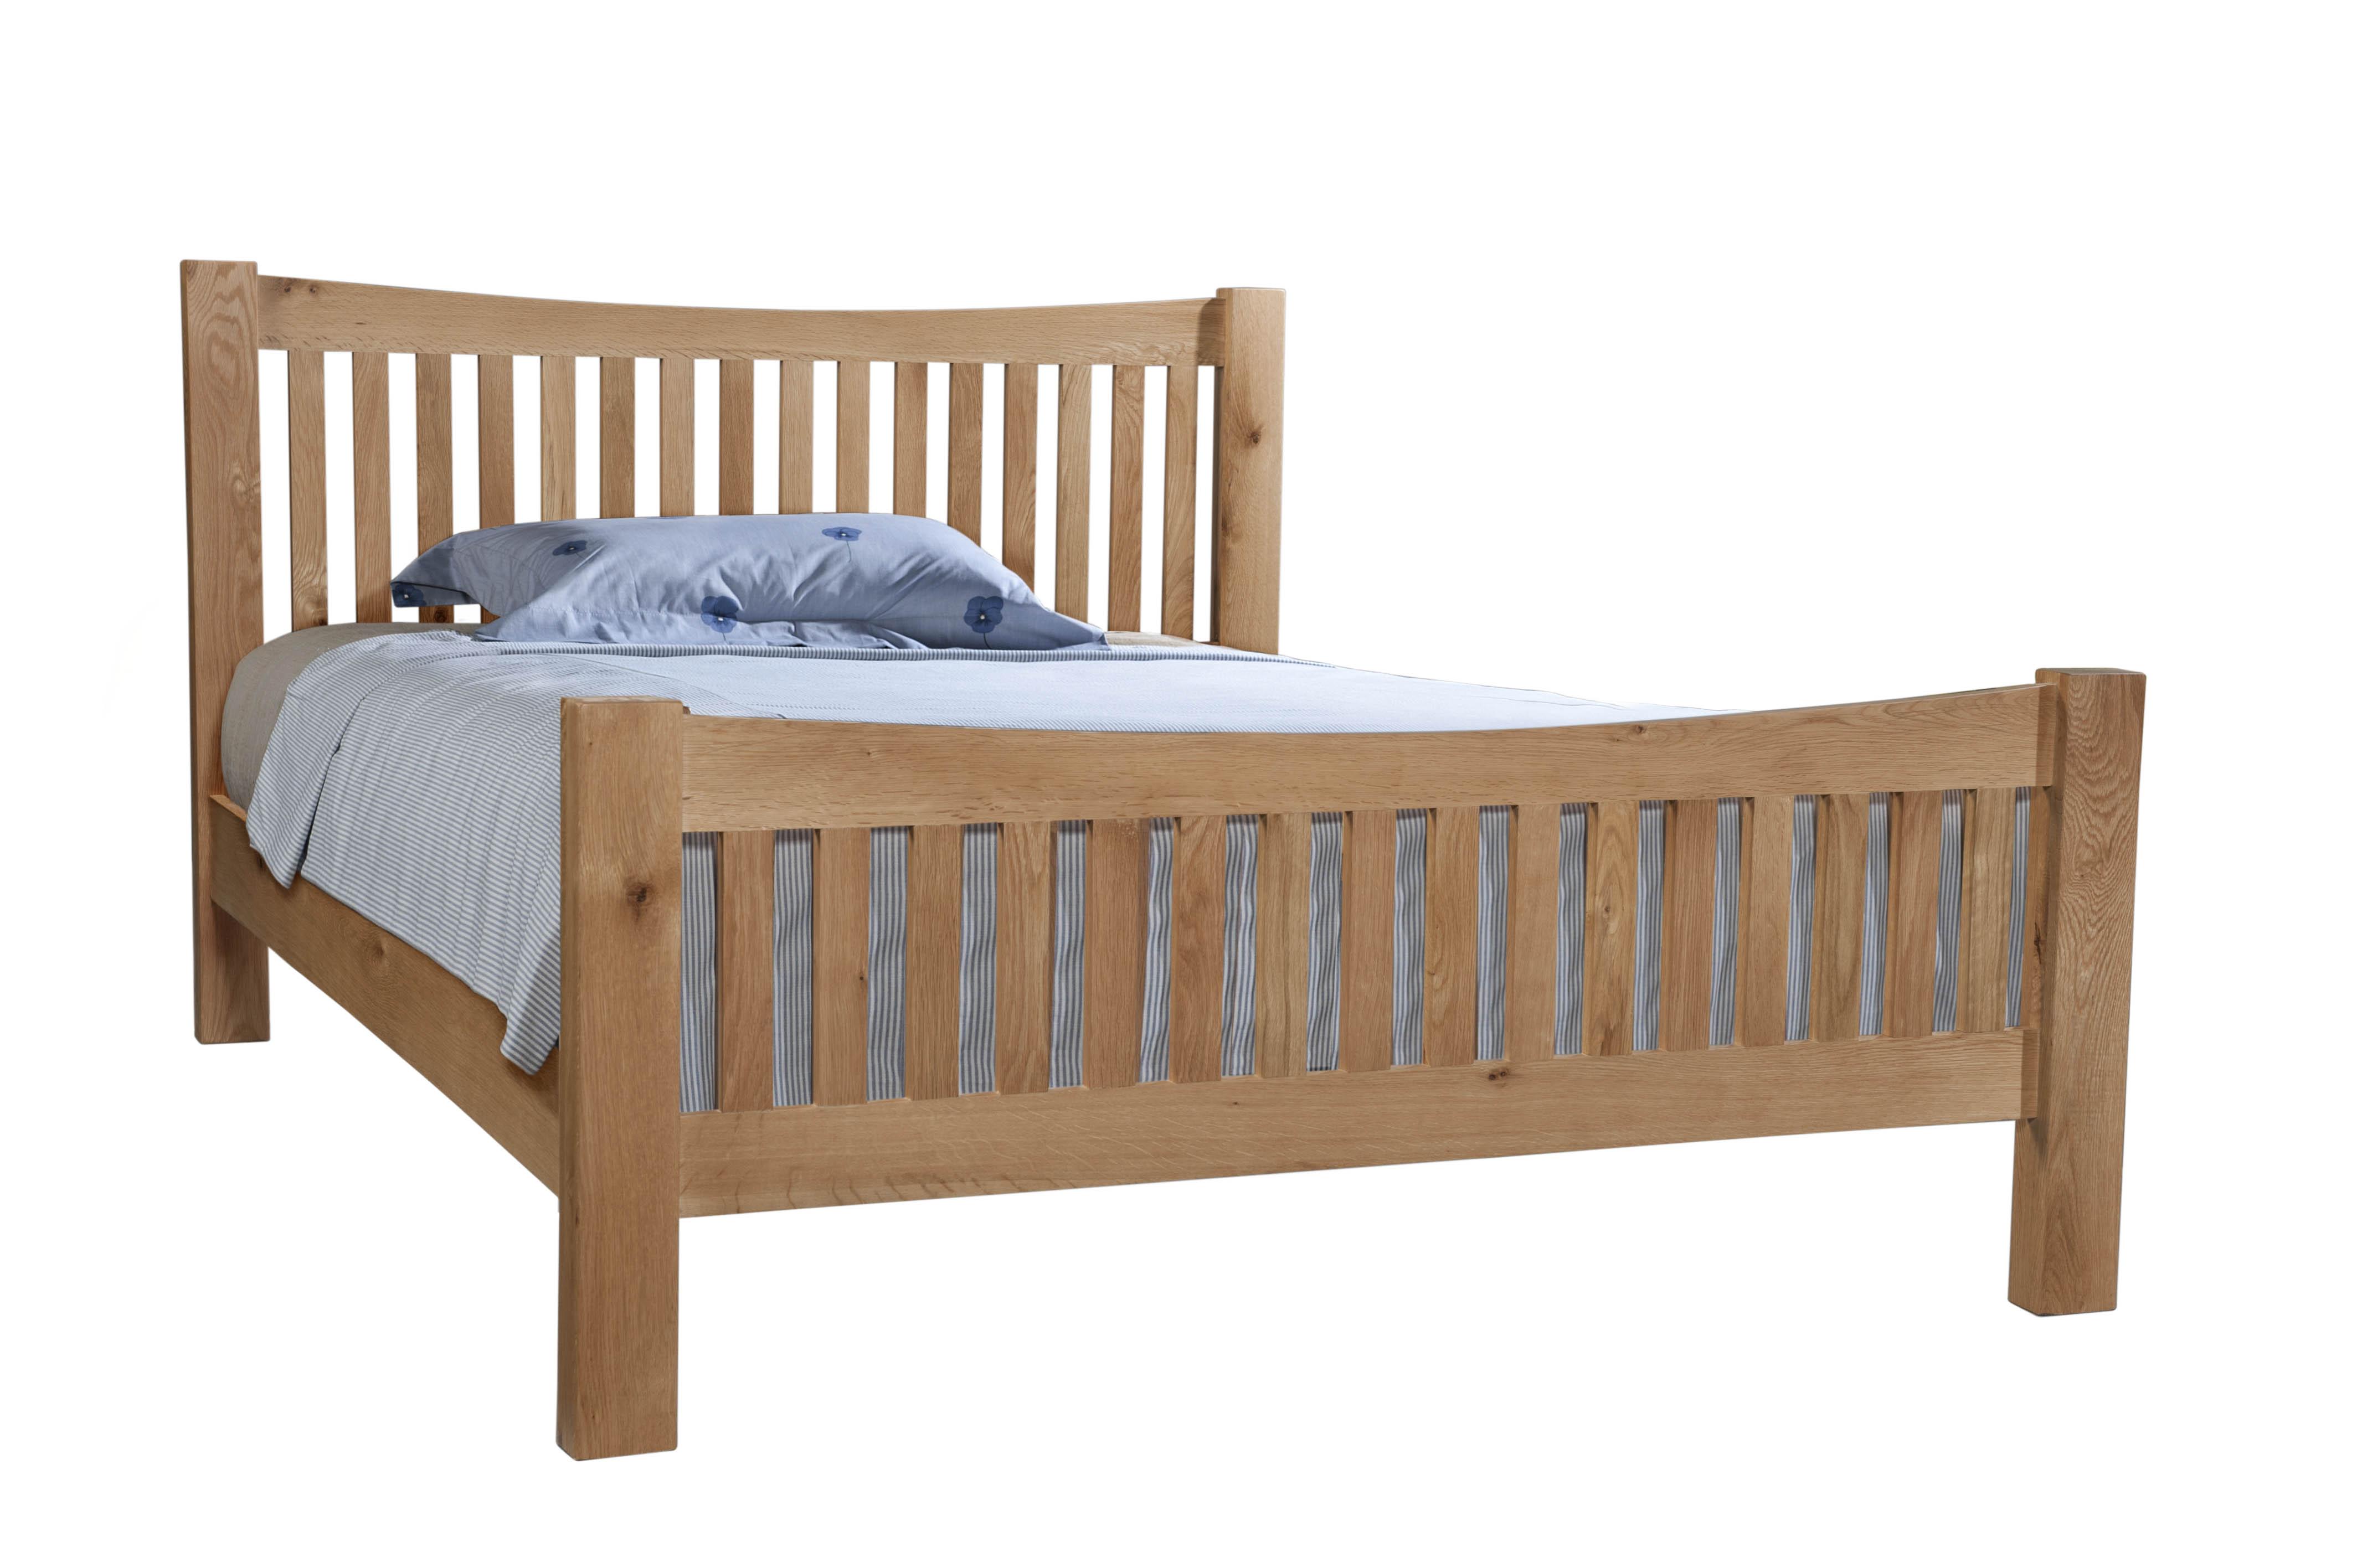 DORCHESTER OAK 5' Slatted Bed